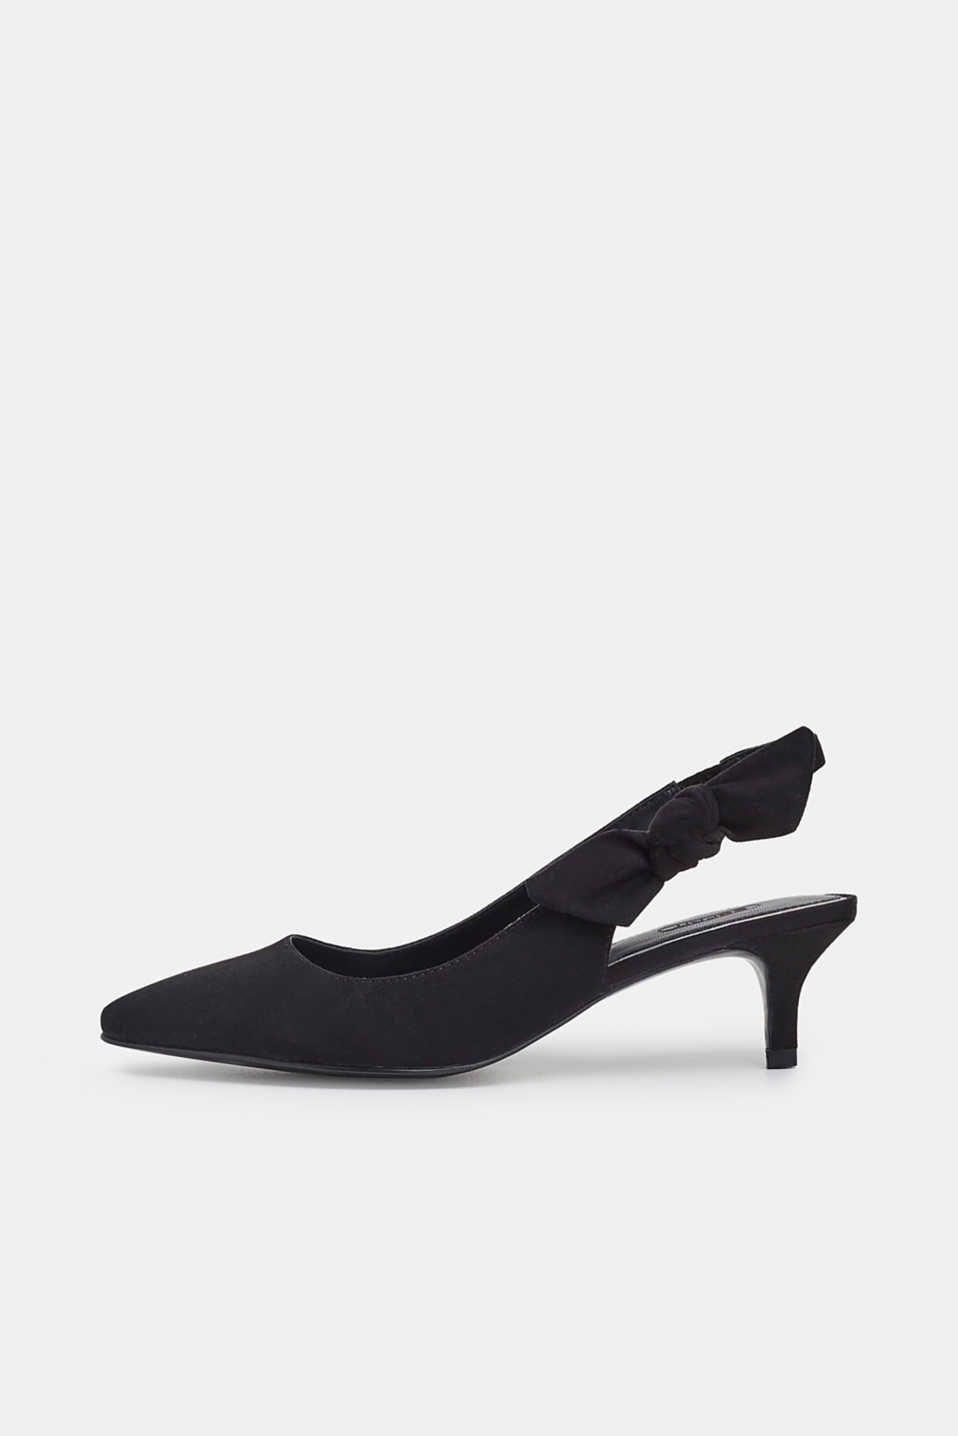 Court shoes, Slingback pump, Kitten heels